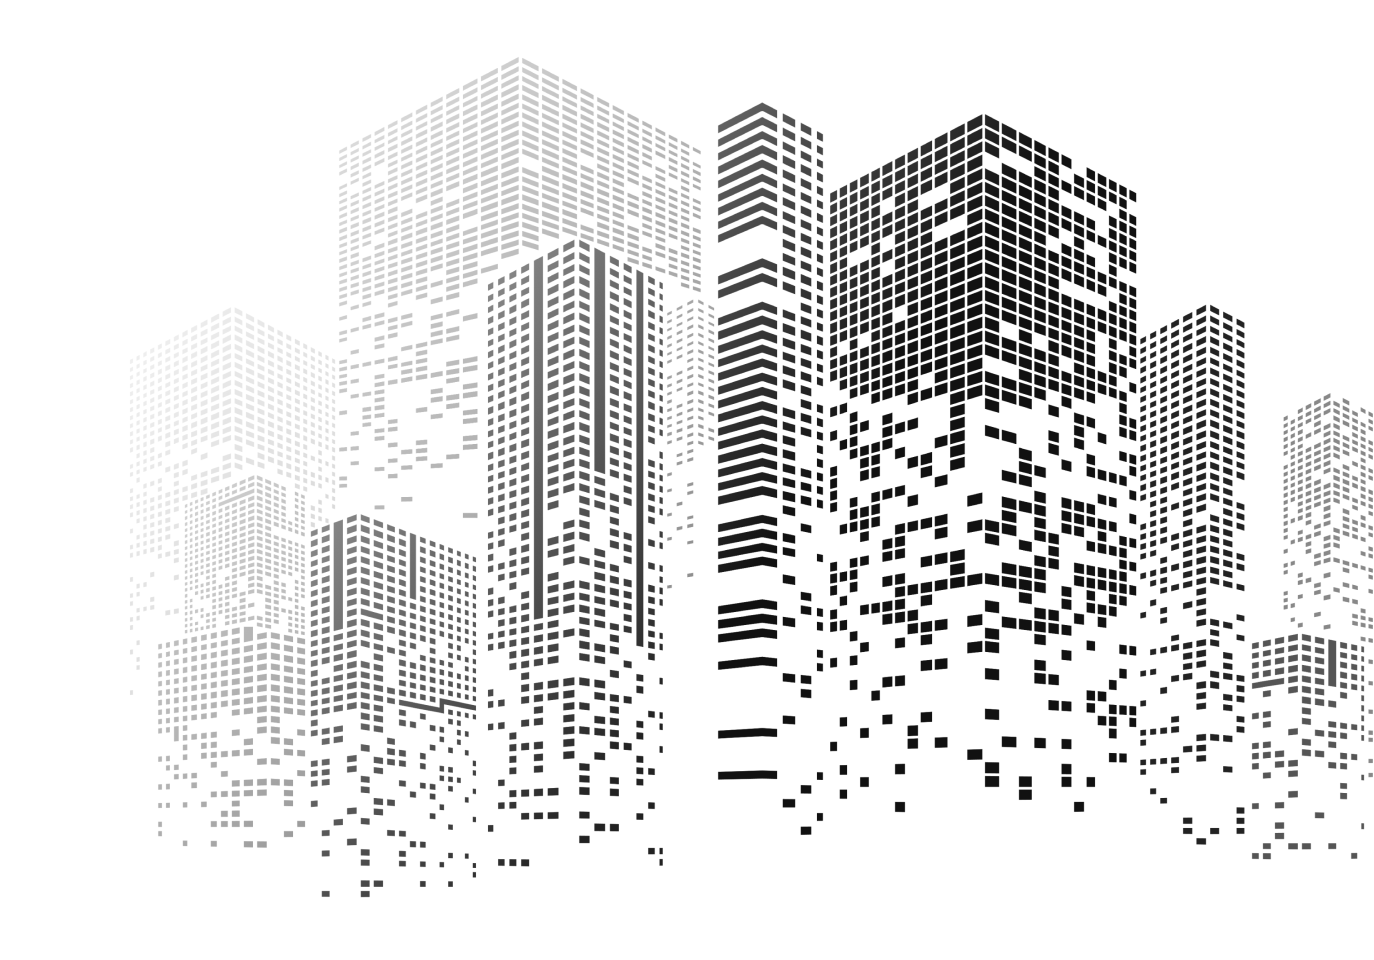 Xenoss Big Data Solutions - hero image